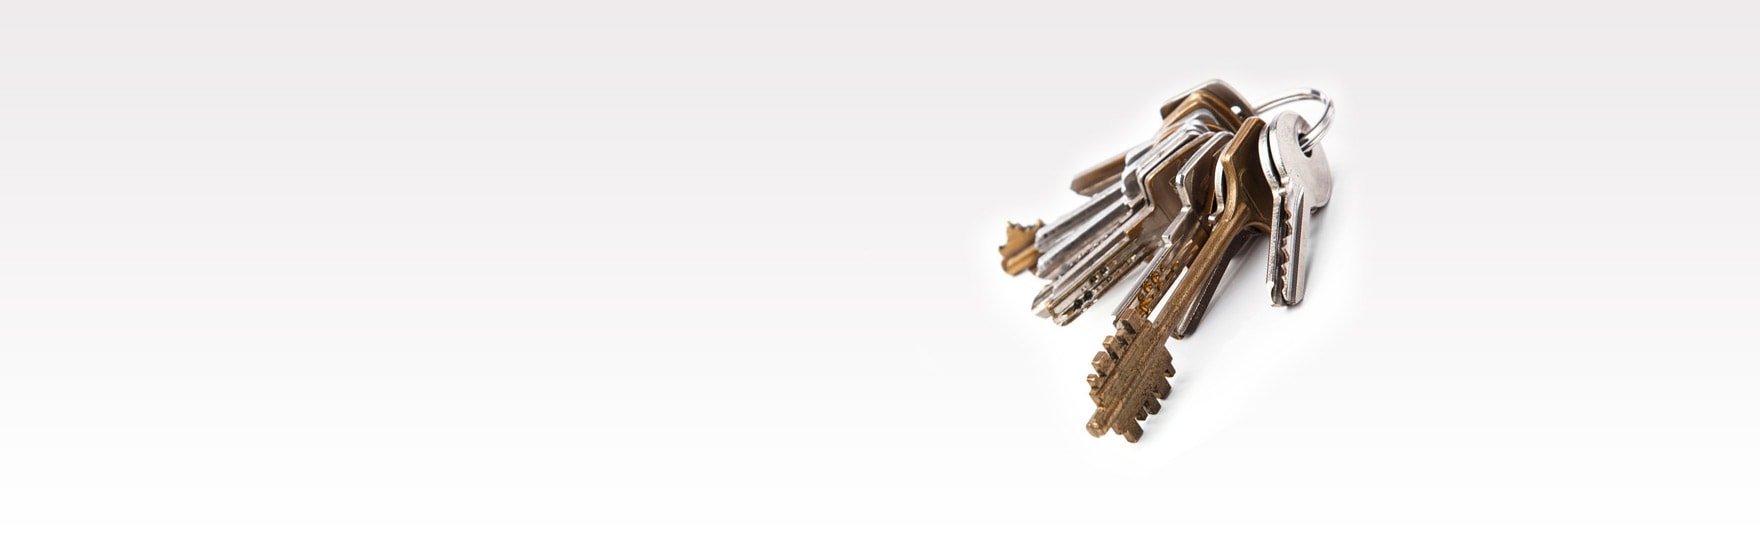 serrurier lyon croix rousse serrurerie croix roussienne. Black Bedroom Furniture Sets. Home Design Ideas